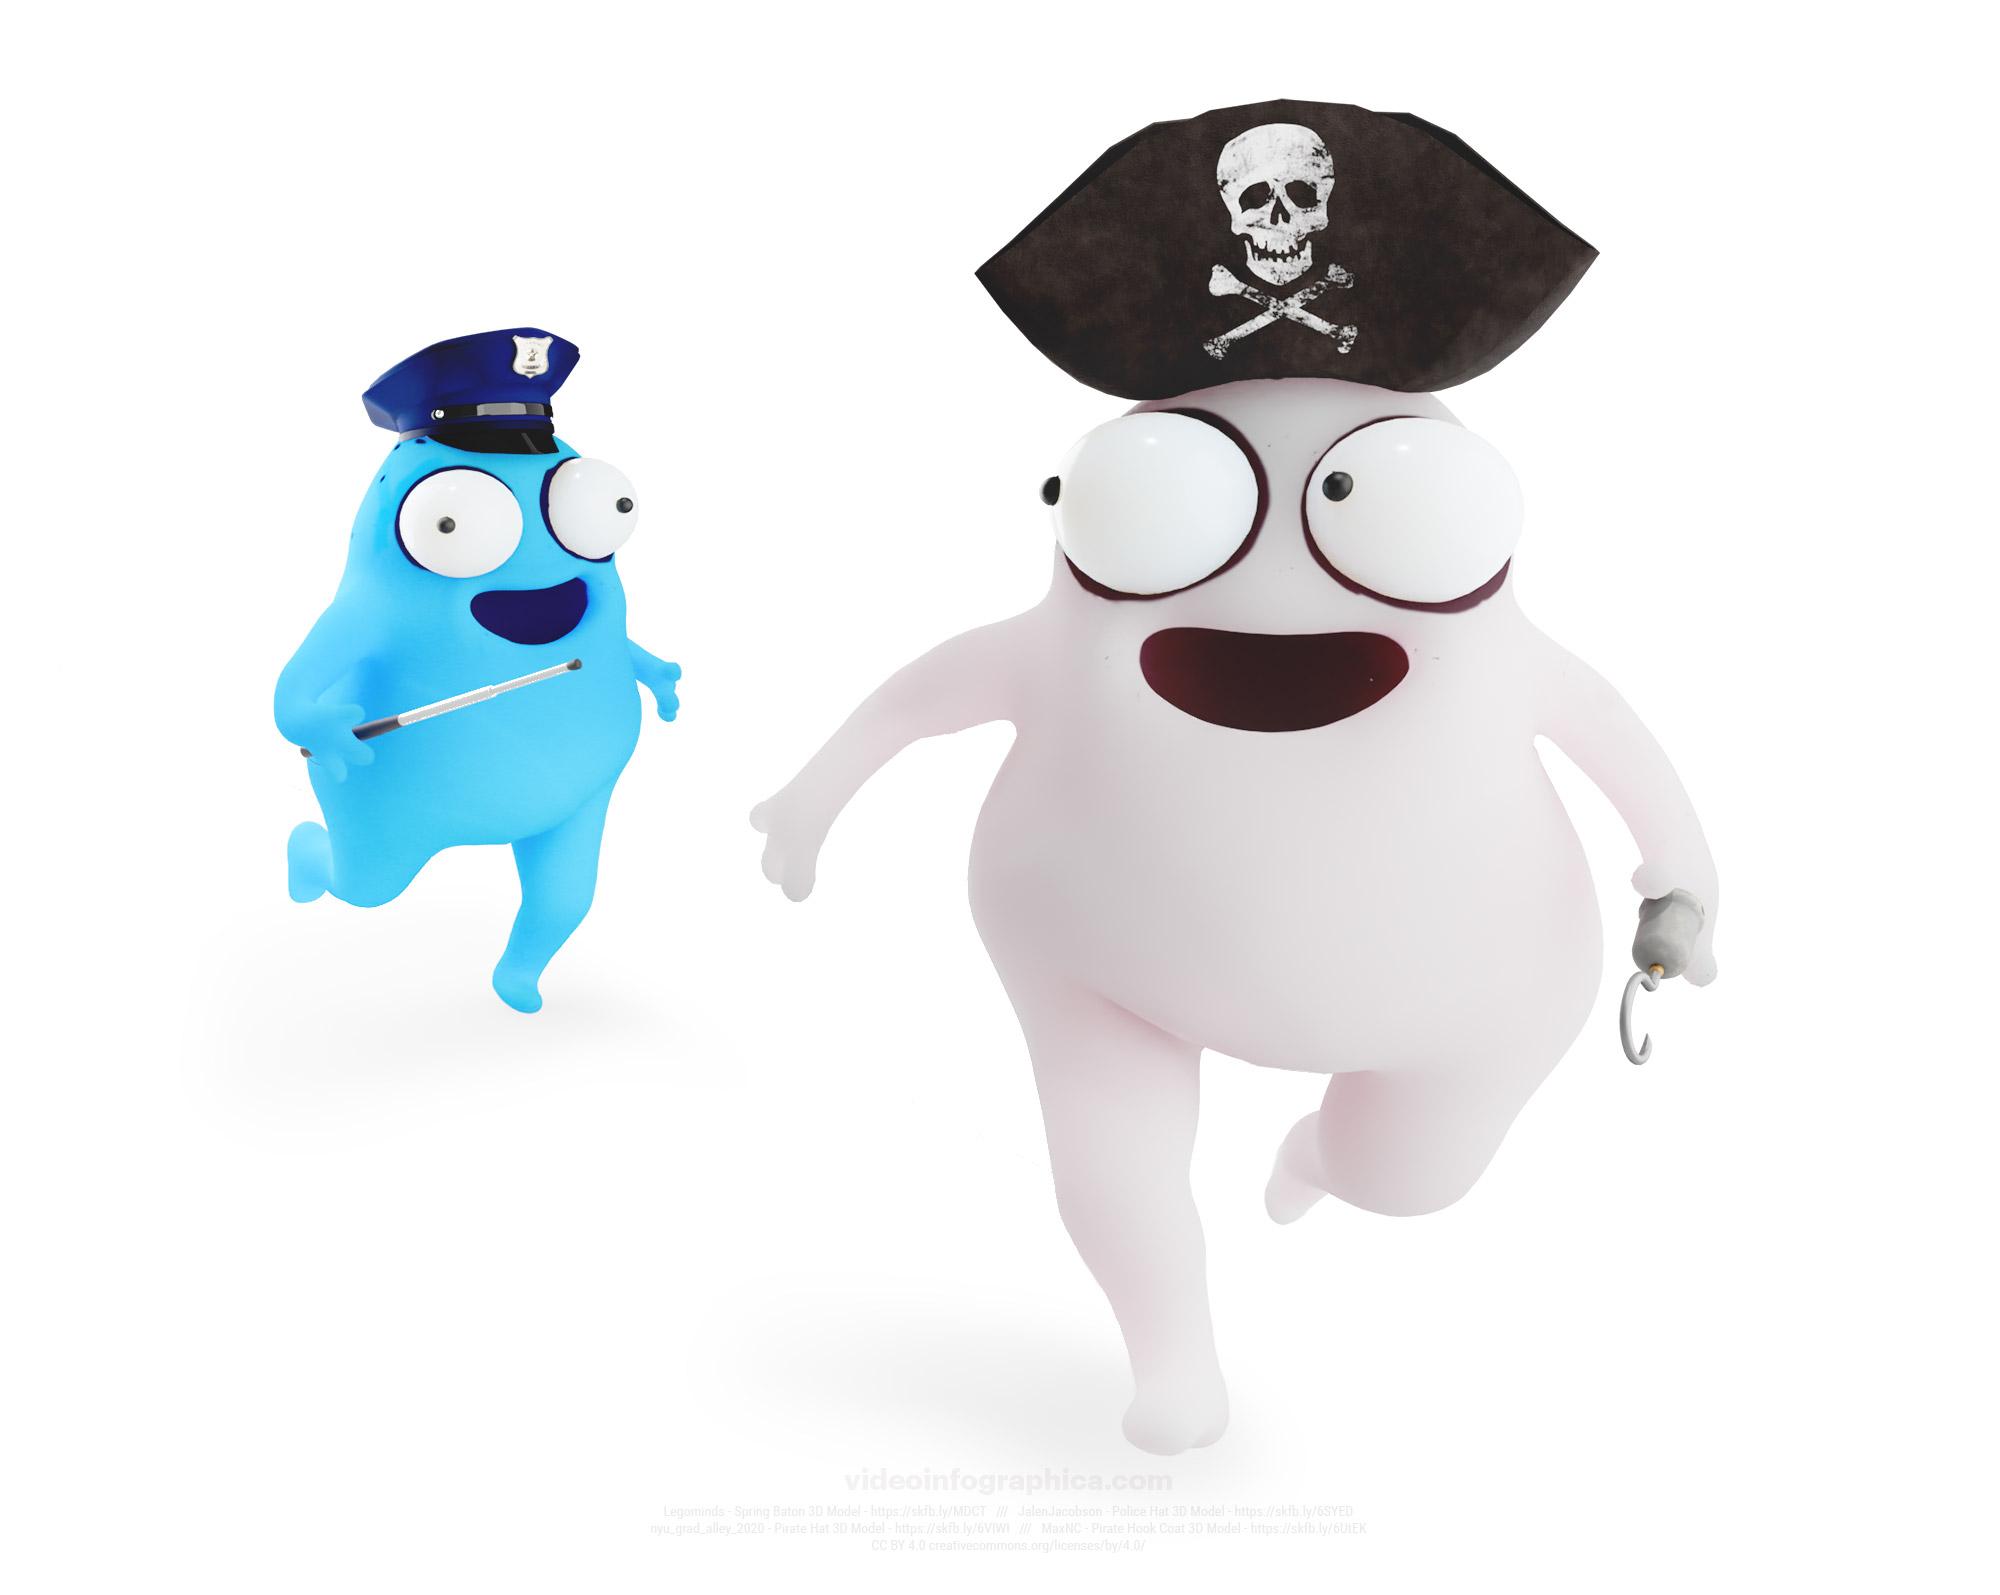 Пират убегающий от полиции или почему не стоит использовать Photoshop без лицензии